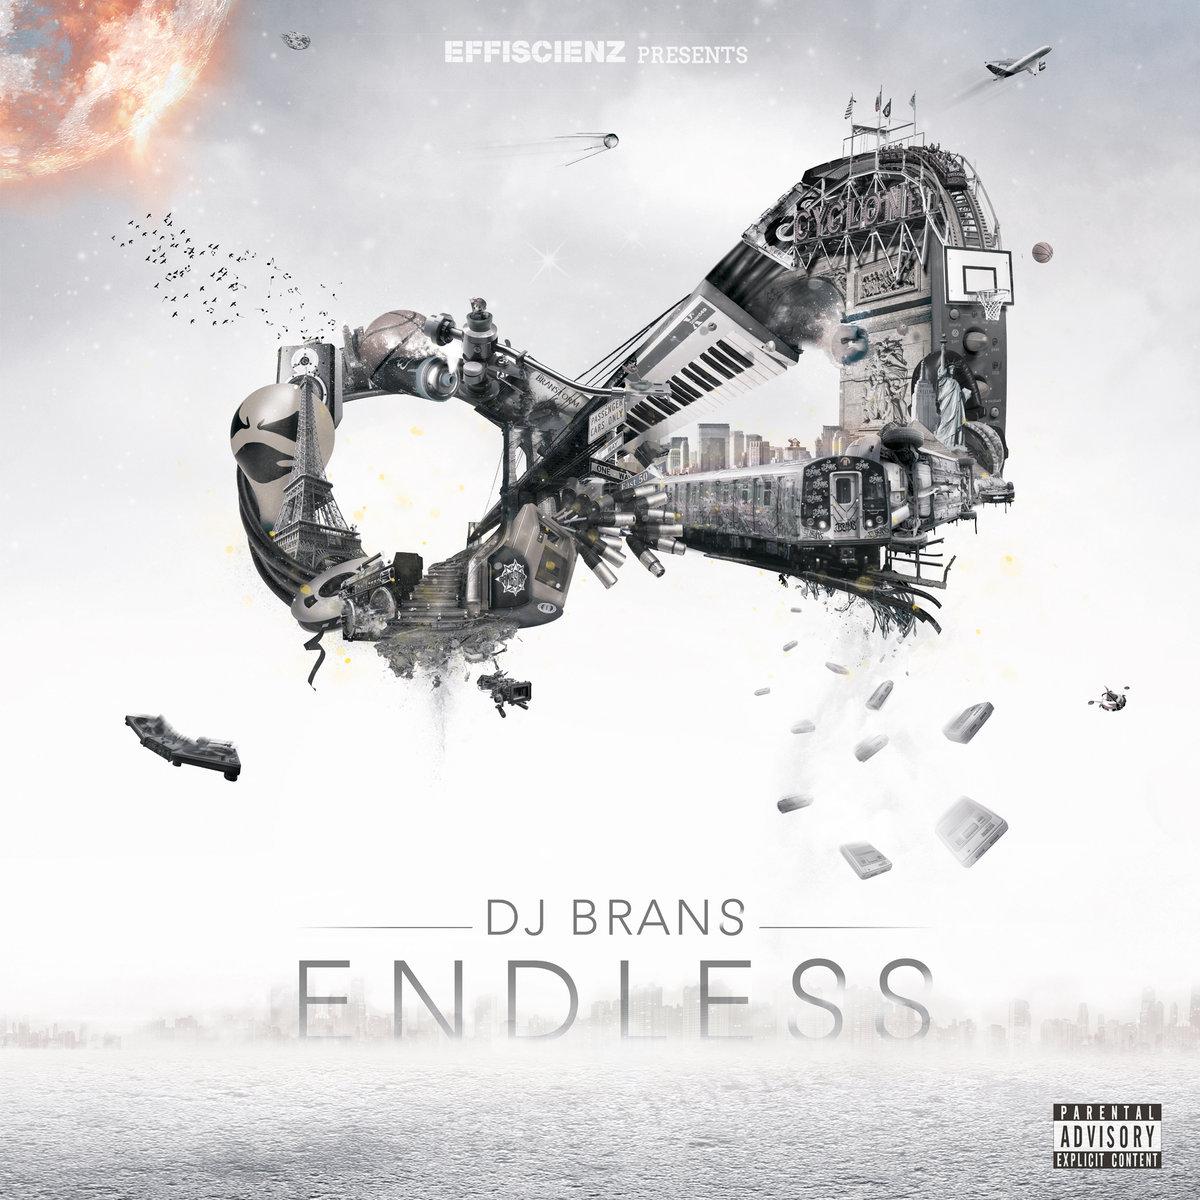 DJBrans_Endless